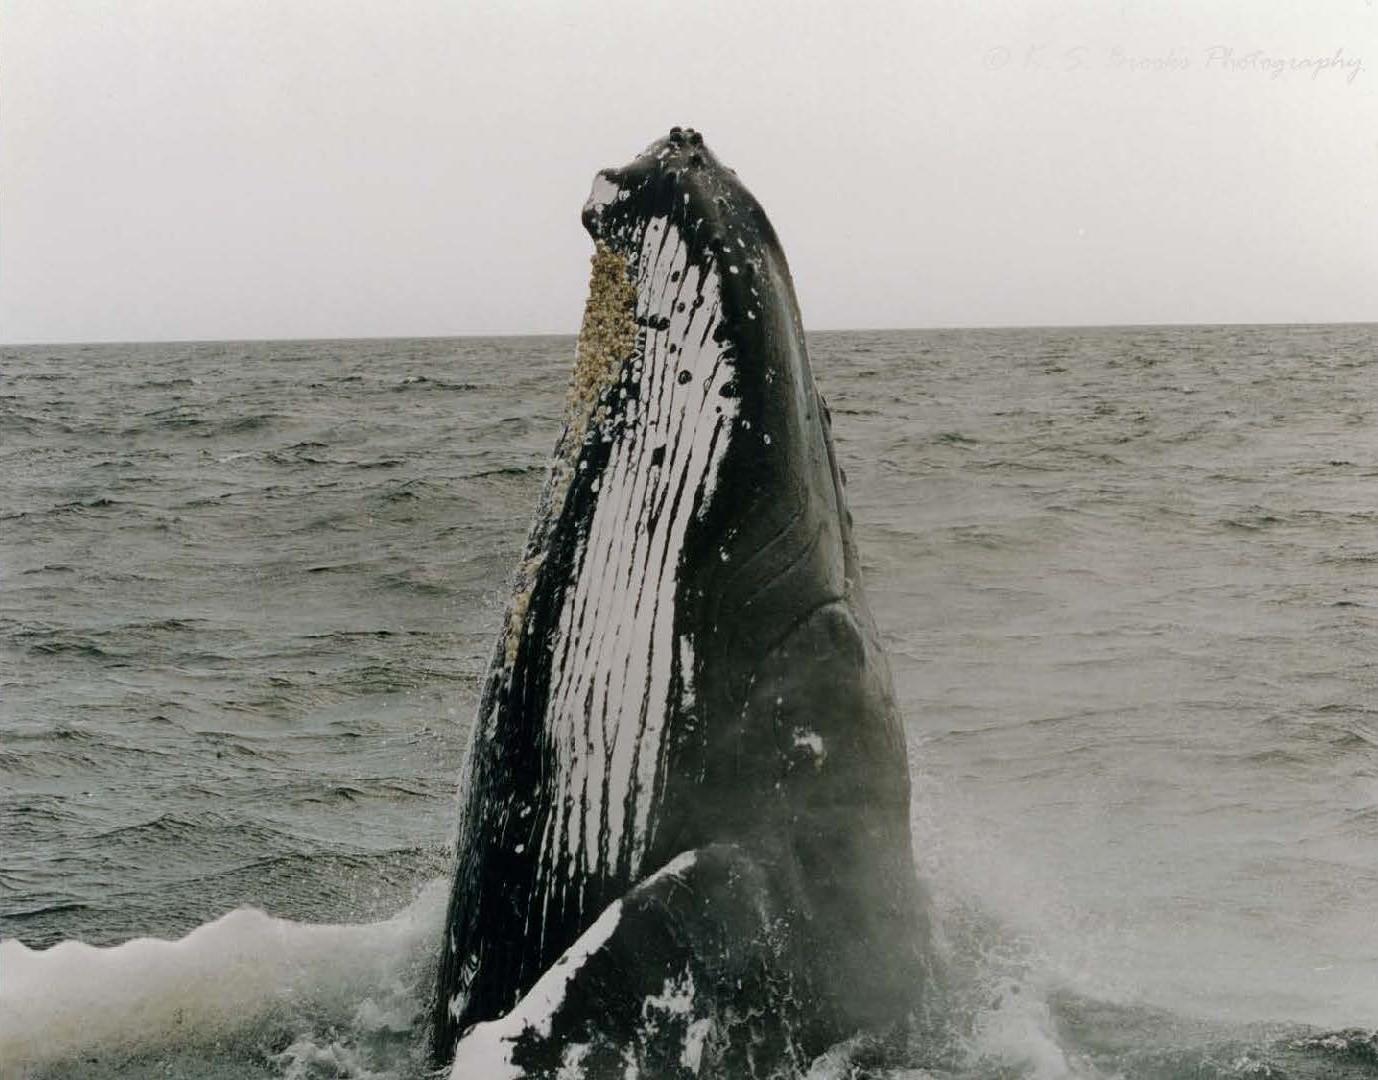 flash fiction prompt humpback whale copyright KS Brooks